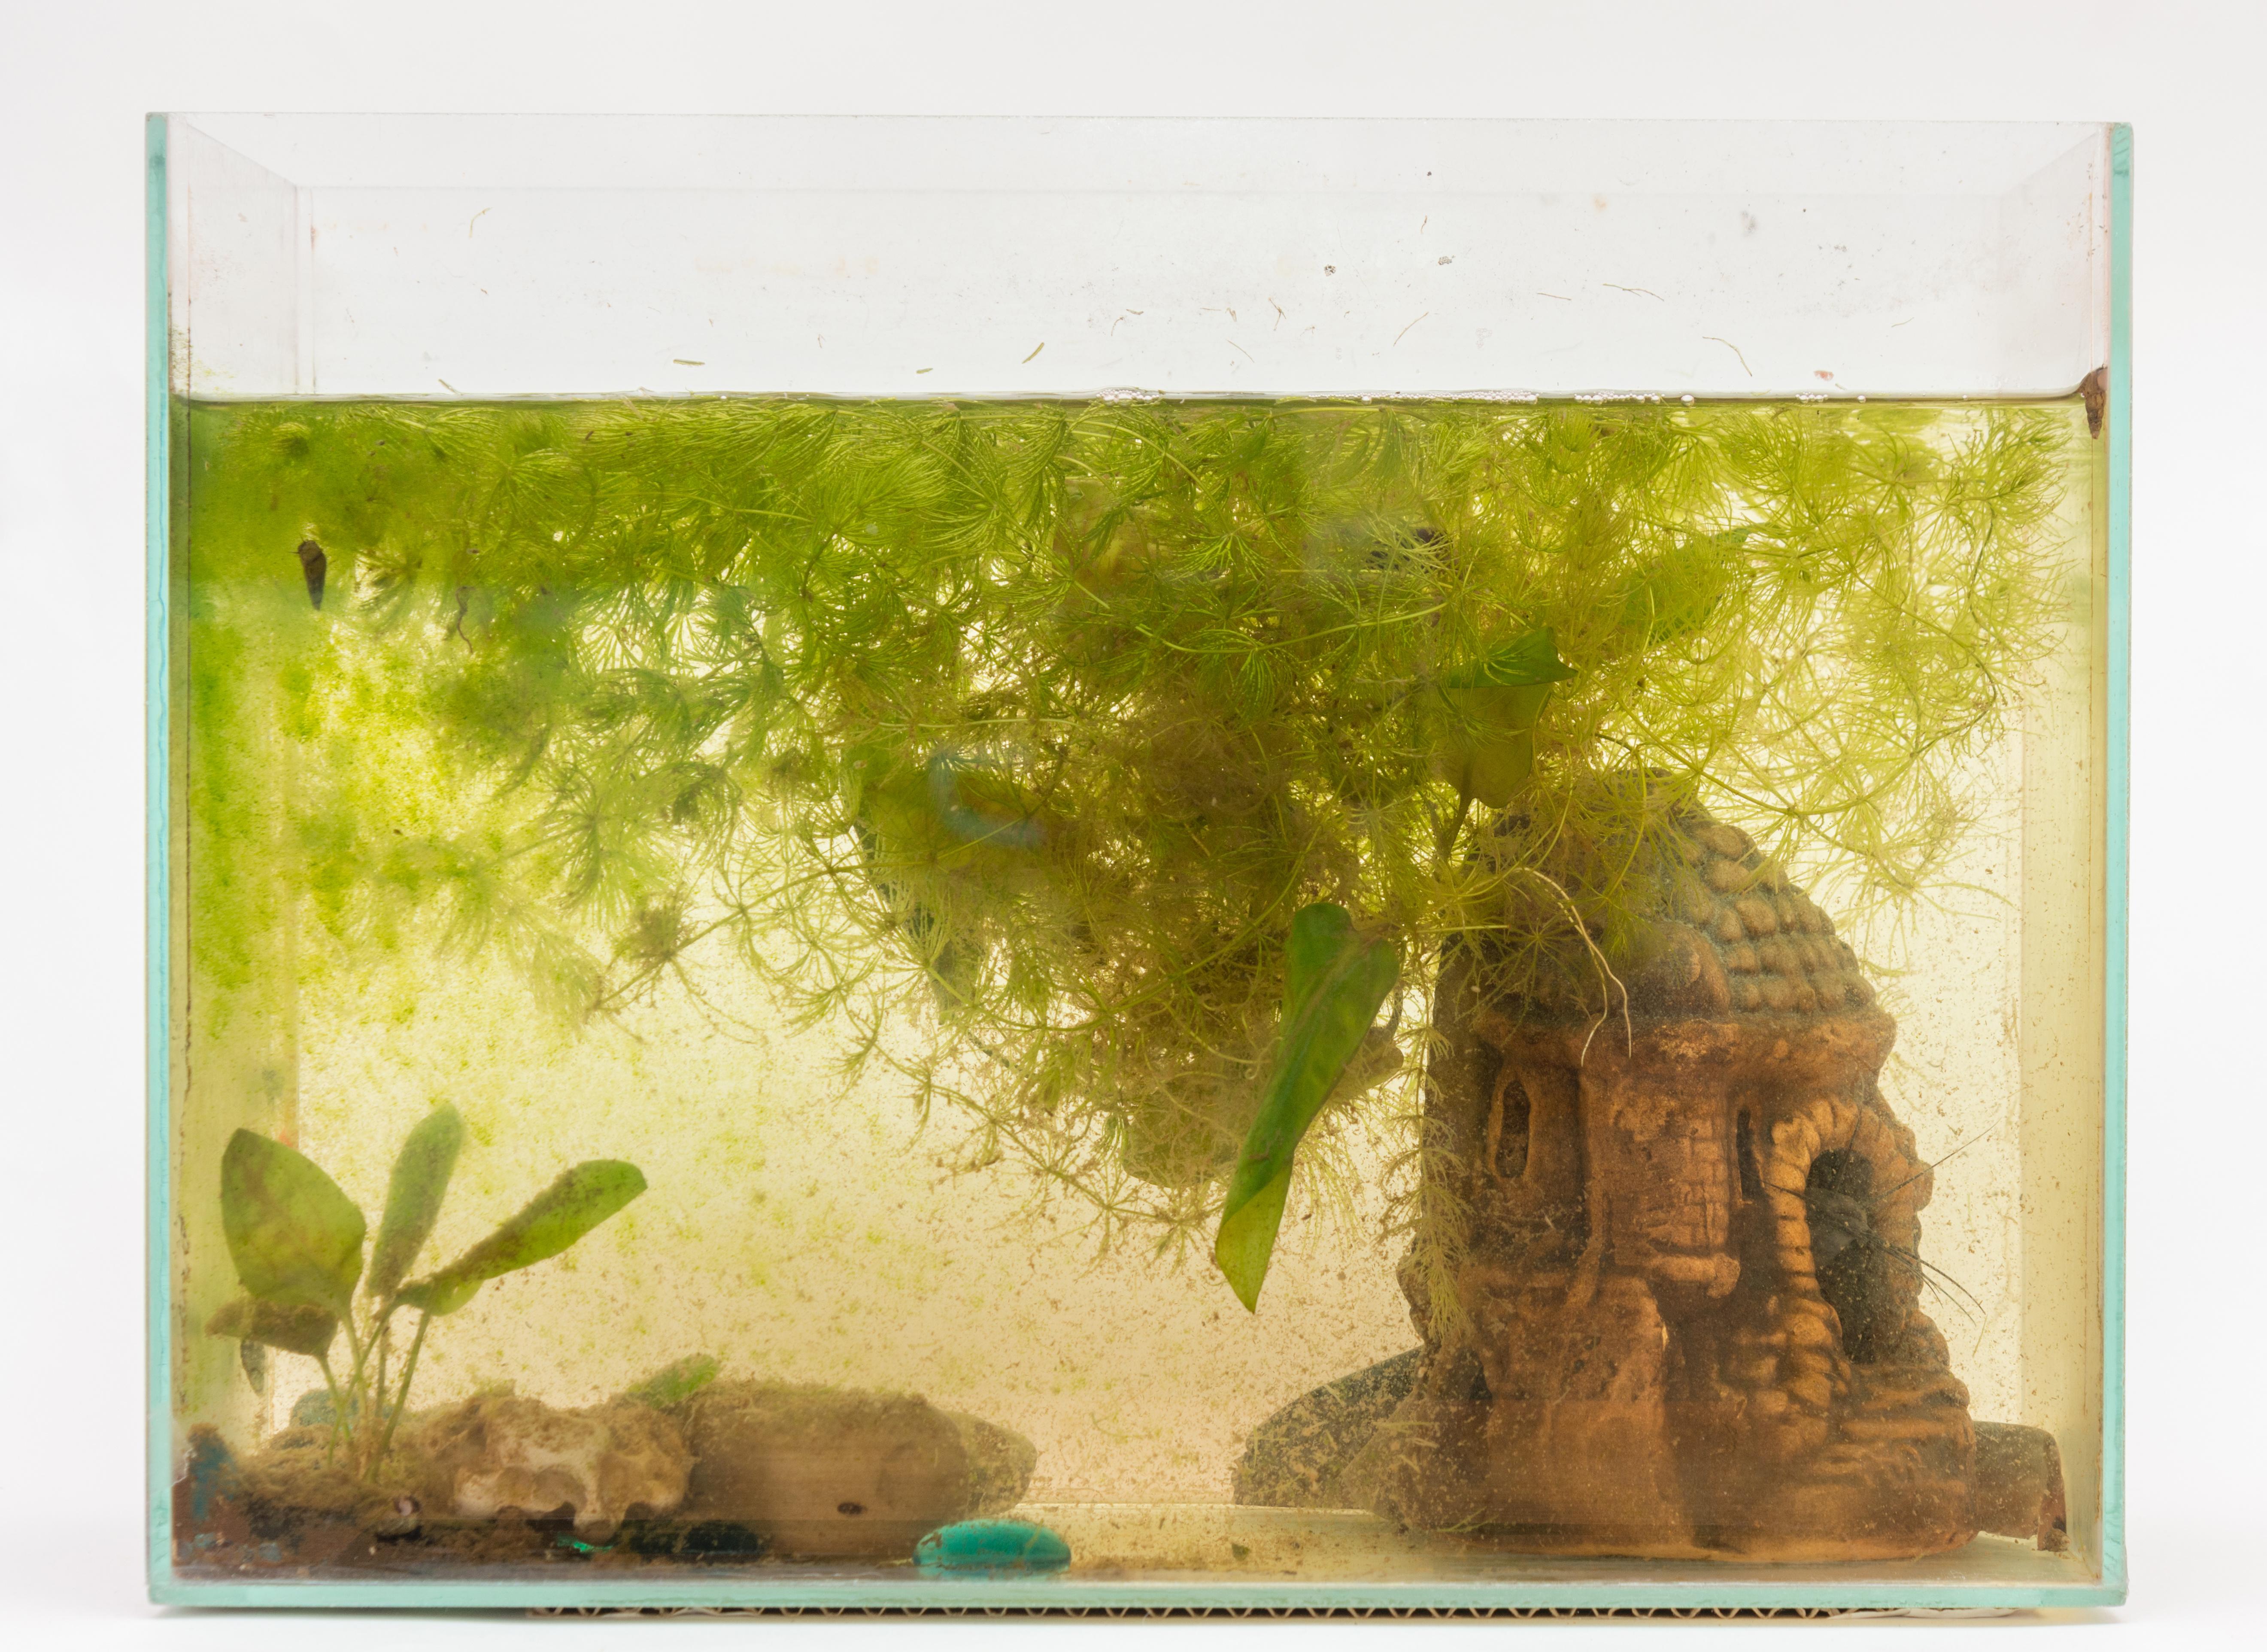 nitrat im aquarium